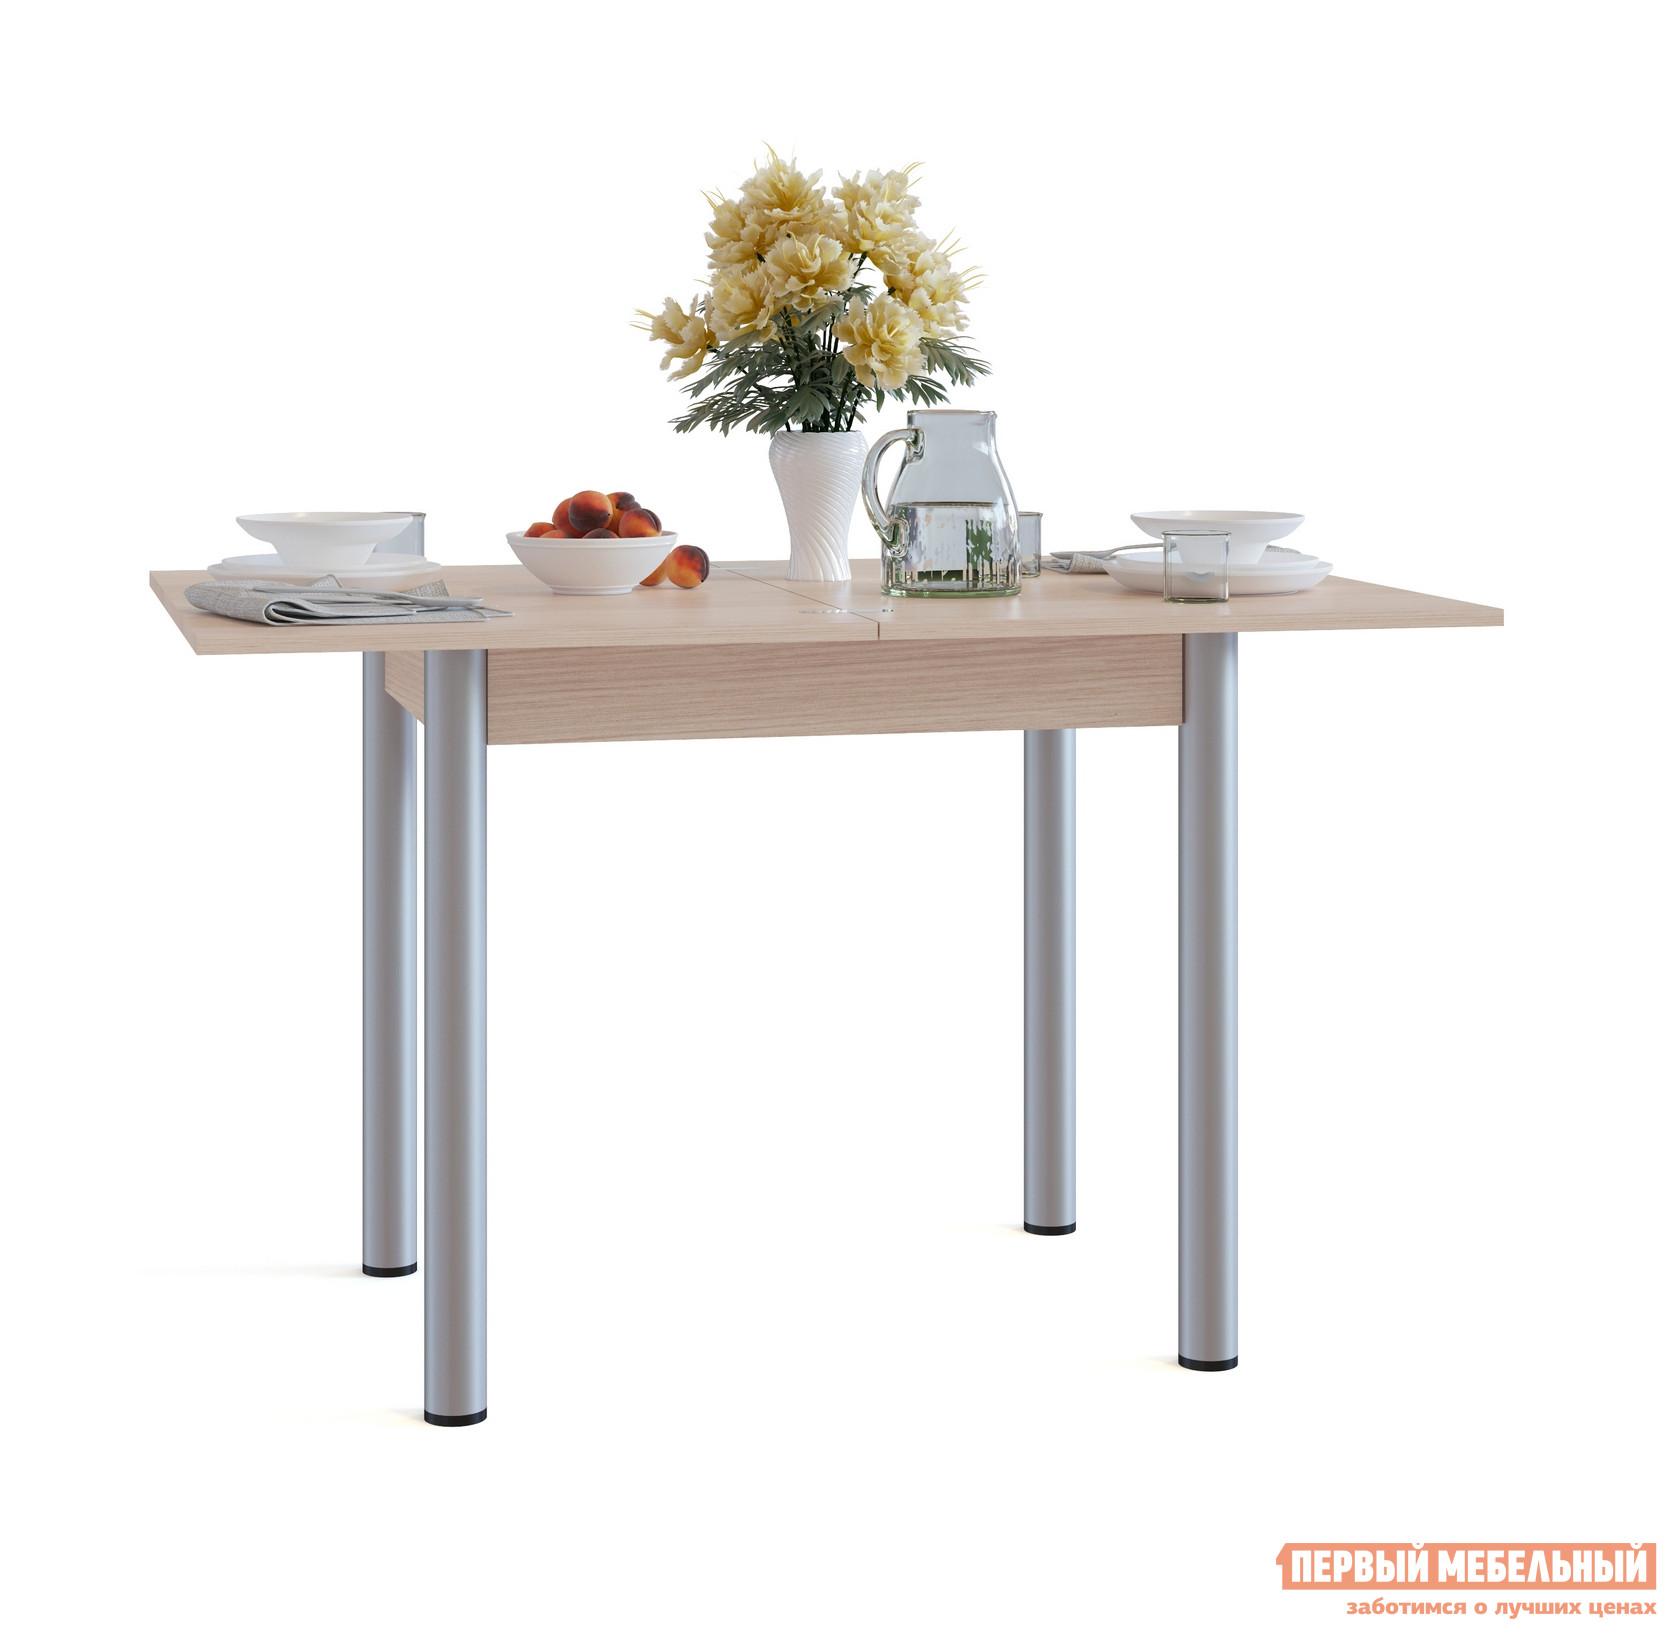 Кухонный стол Сокол СО-1м Беленый дубКухонные столы<br>Габаритные размеры ВхШхГ 772 / 756x800 / 1200x600 / 800 мм. Раскладной обеденный стол с компактными размерами идеально пойдет для маленькой кухни.  В сложенном виде размеры столешницы составляют всего 800х600 мм.  Лаконичный стиль исполнения делает модель универсальной для любого интерьера. Стол оснащен раскладным механизмом, который увеличивает ширину столешницы до 1200 мм.  Чтобы разложить стол, нужно отодвинуть столешницу, повернуть ее на 90 градусов и раскрыть как книжку.  Удобно и просто. Обратите внимание! В разложенном состоянии петли находятся на поверхности столешницы. Столешница и подстолье изготавливаются из ЛДСП толщиной 16 мм.  Края столешницы обработаны кромкой ПВХ 2 мм, остальные детали — ПВХ 0,4 мм.  Ножки — металлические.<br><br>Цвет: Беленый дуб<br>Цвет: Светлое дерево<br>Высота мм: 772 / 756<br>Ширина мм: 800 / 1200<br>Глубина мм: 600 / 800<br>Кол-во упаковок: 1<br>Форма поставки: В разобранном виде<br>Срок гарантии: 2 года<br>Тип: Раскладные, Трансформер<br>Материал: Деревянные, из ЛДСП<br>Форма: Прямоугольные<br>Размер: Маленькие<br>Особенности: С металлическими ножками